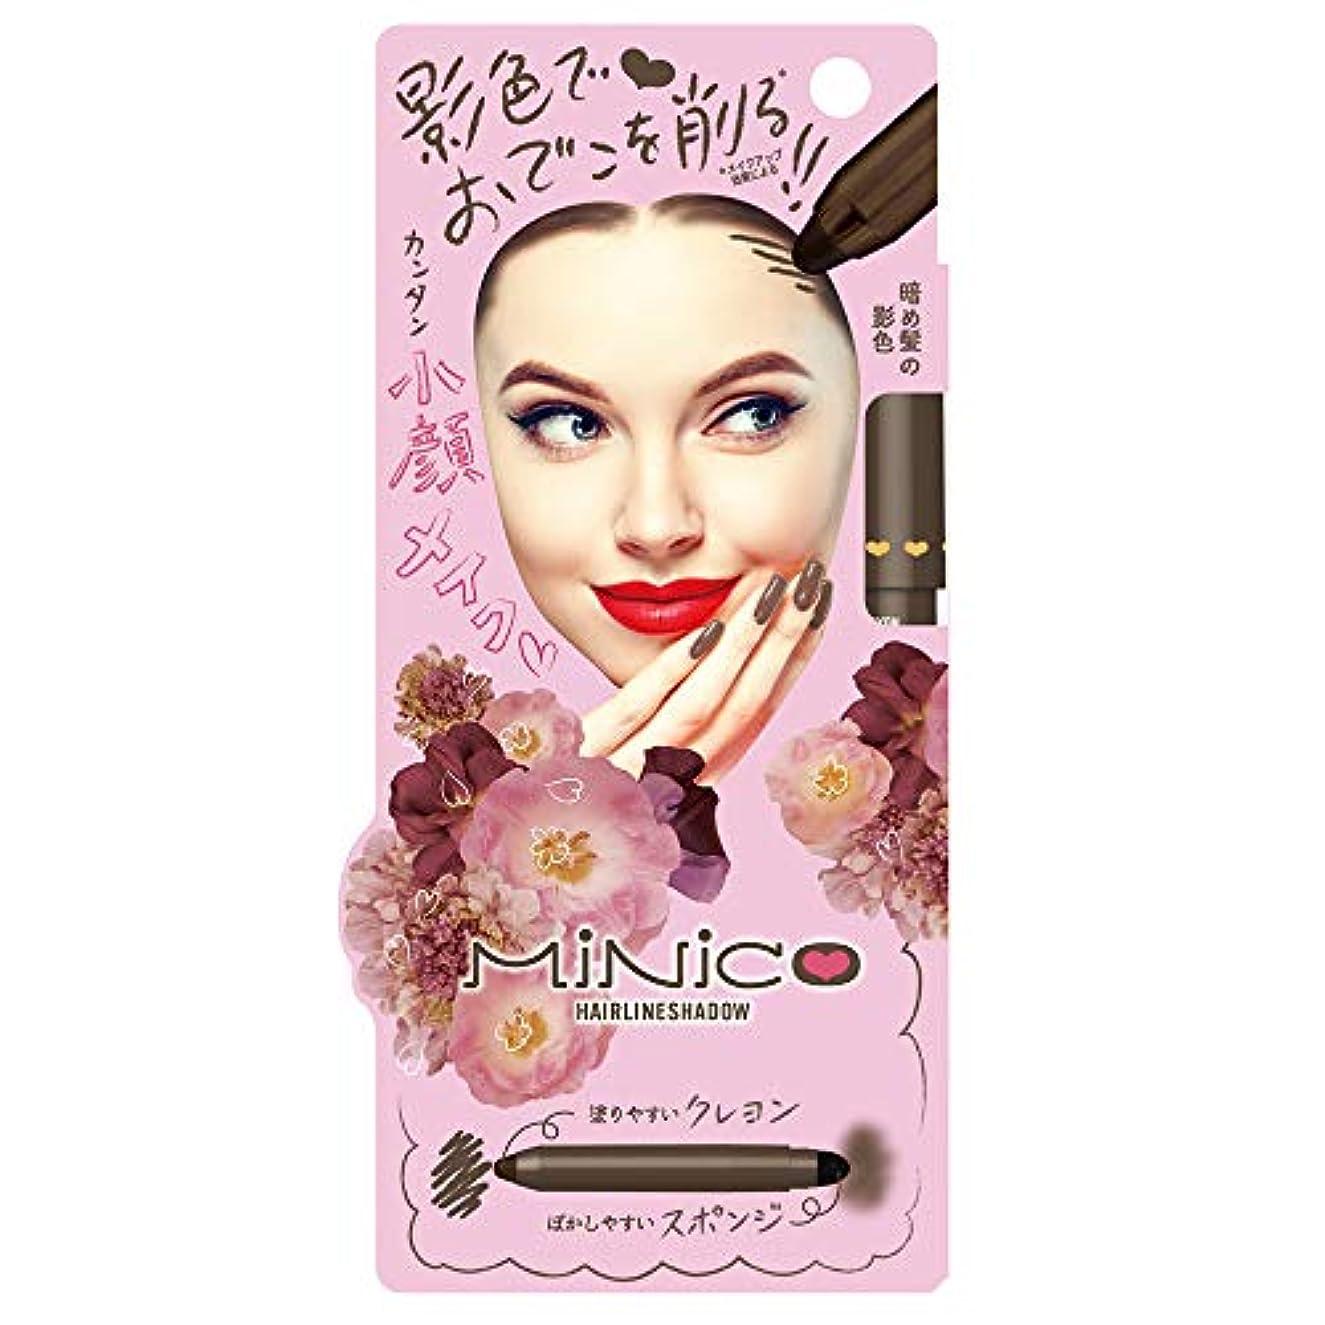 マトロンクローン豆ミニコ ヘアラインシャドウ 01: 暗め髪の影色 化粧下地 1本